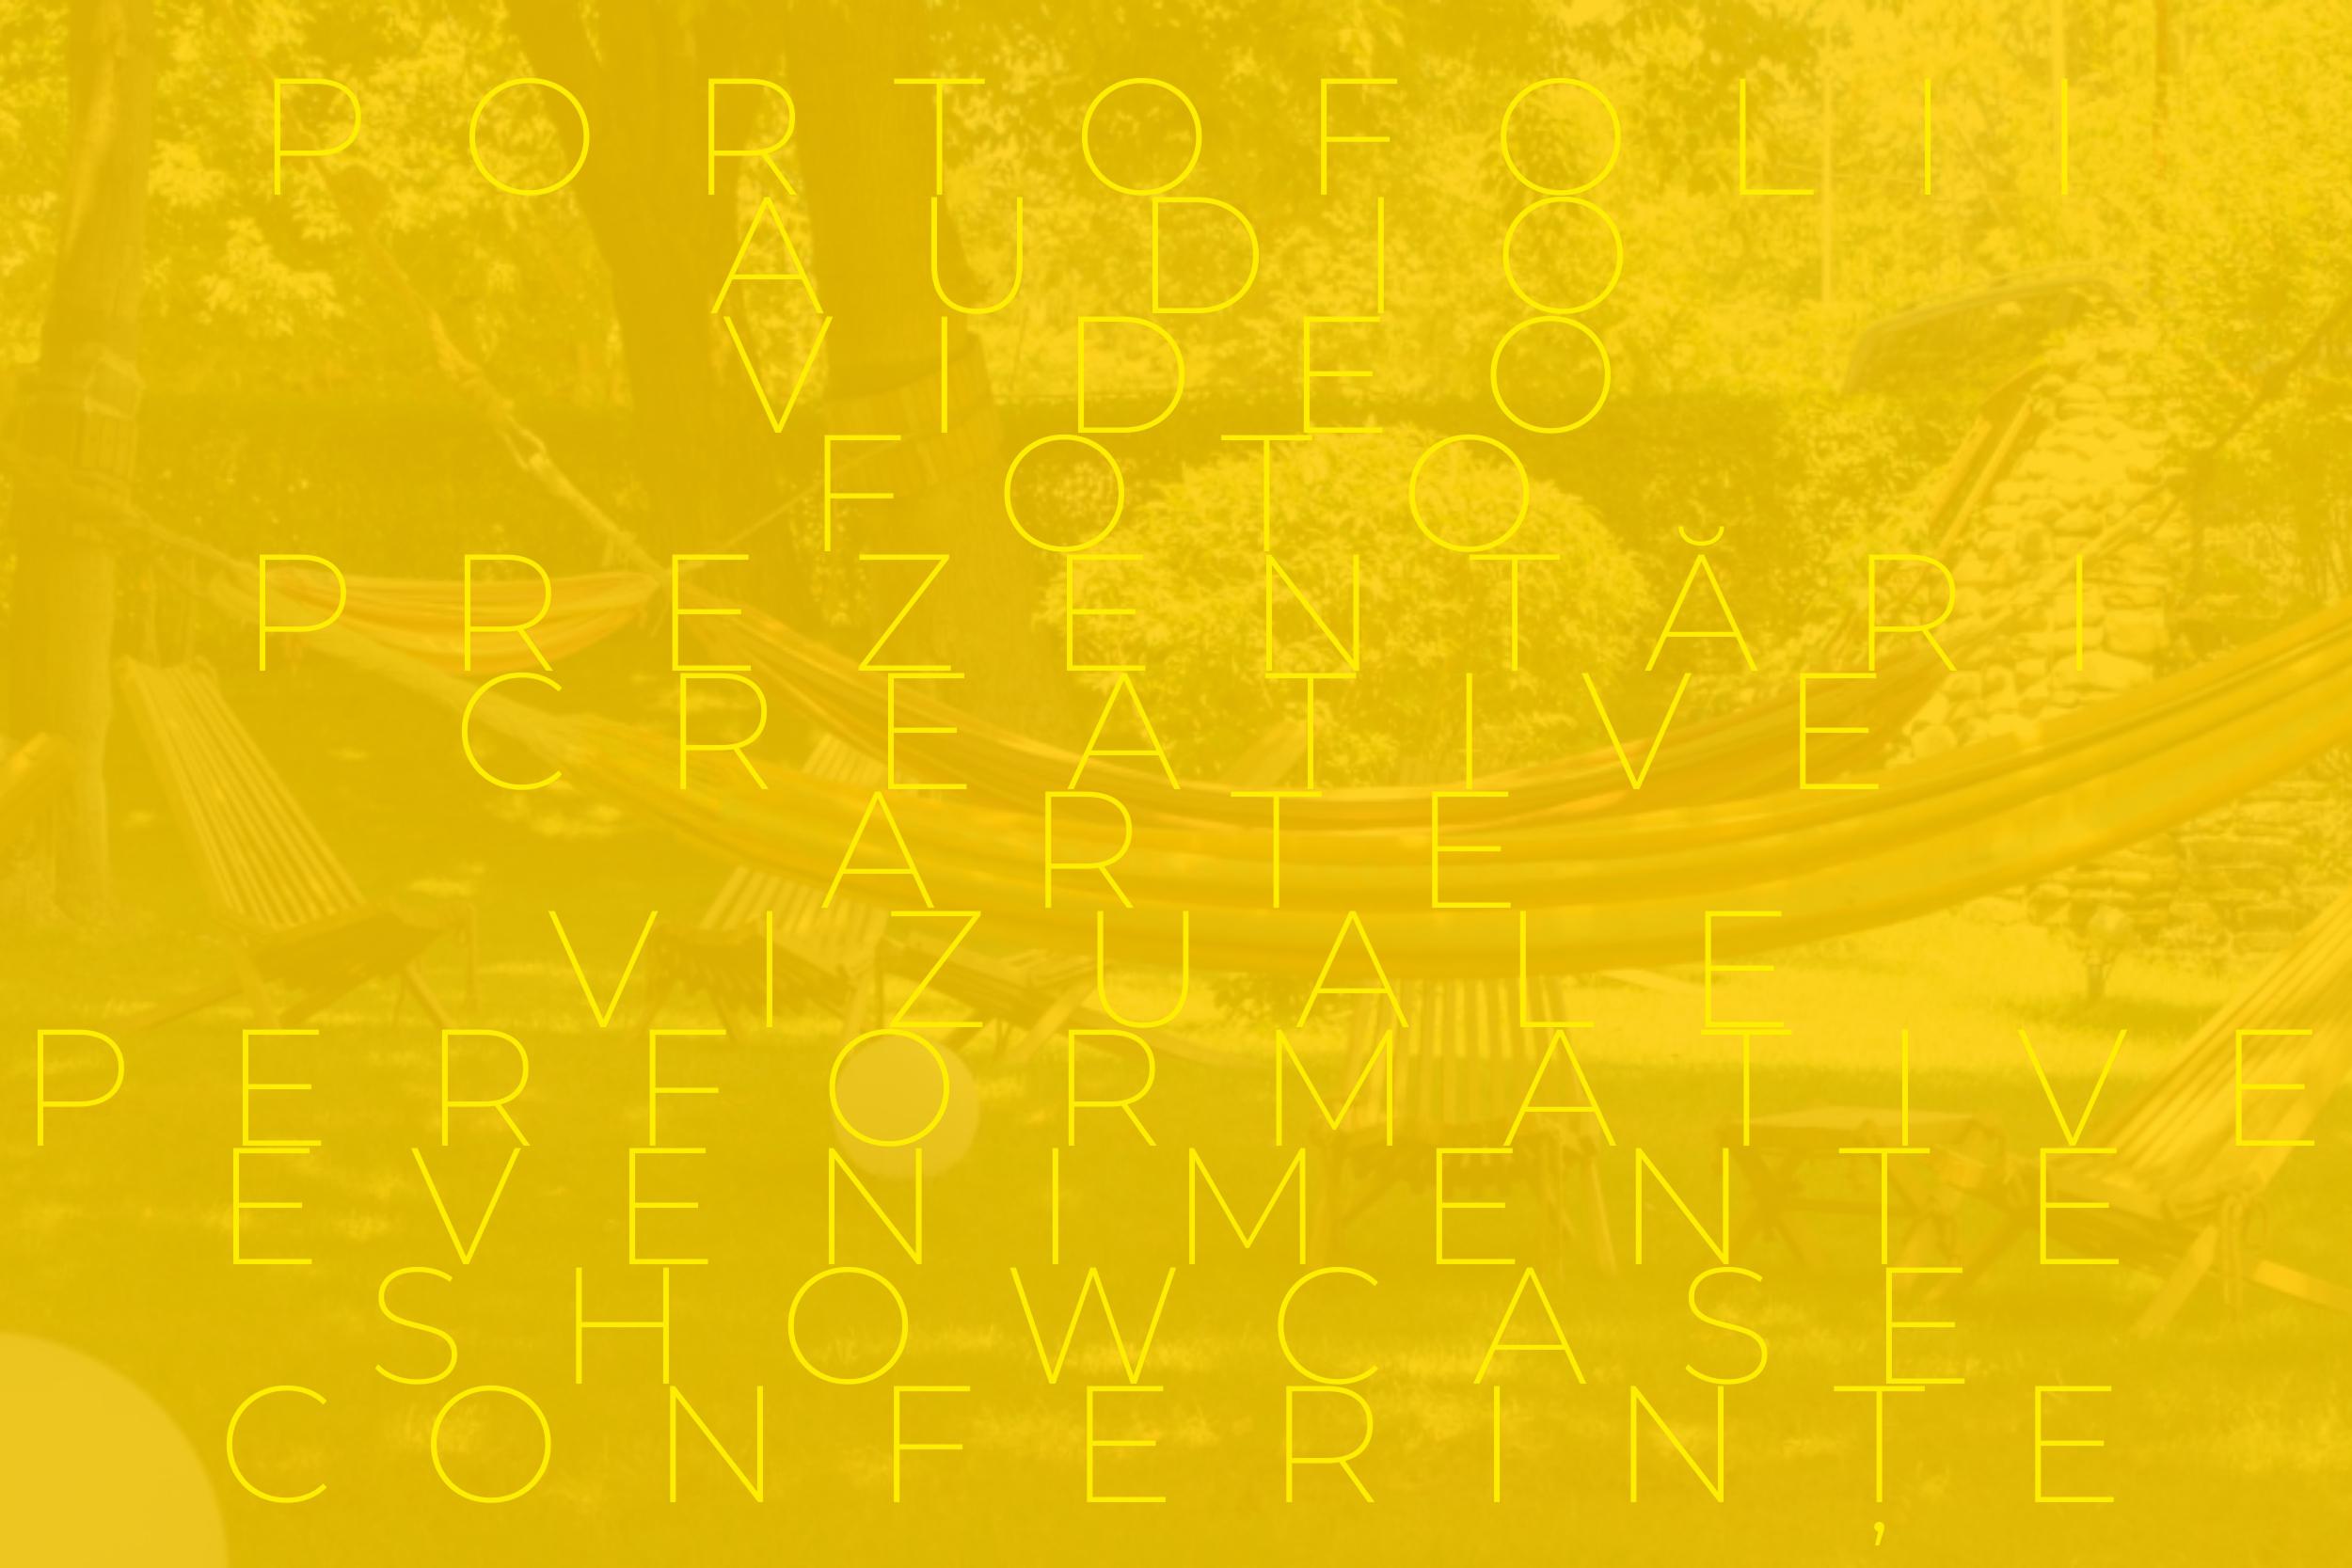 """Proiectul """"ConnectArts – Perspective"""" se pregătește să vă încânte!"""